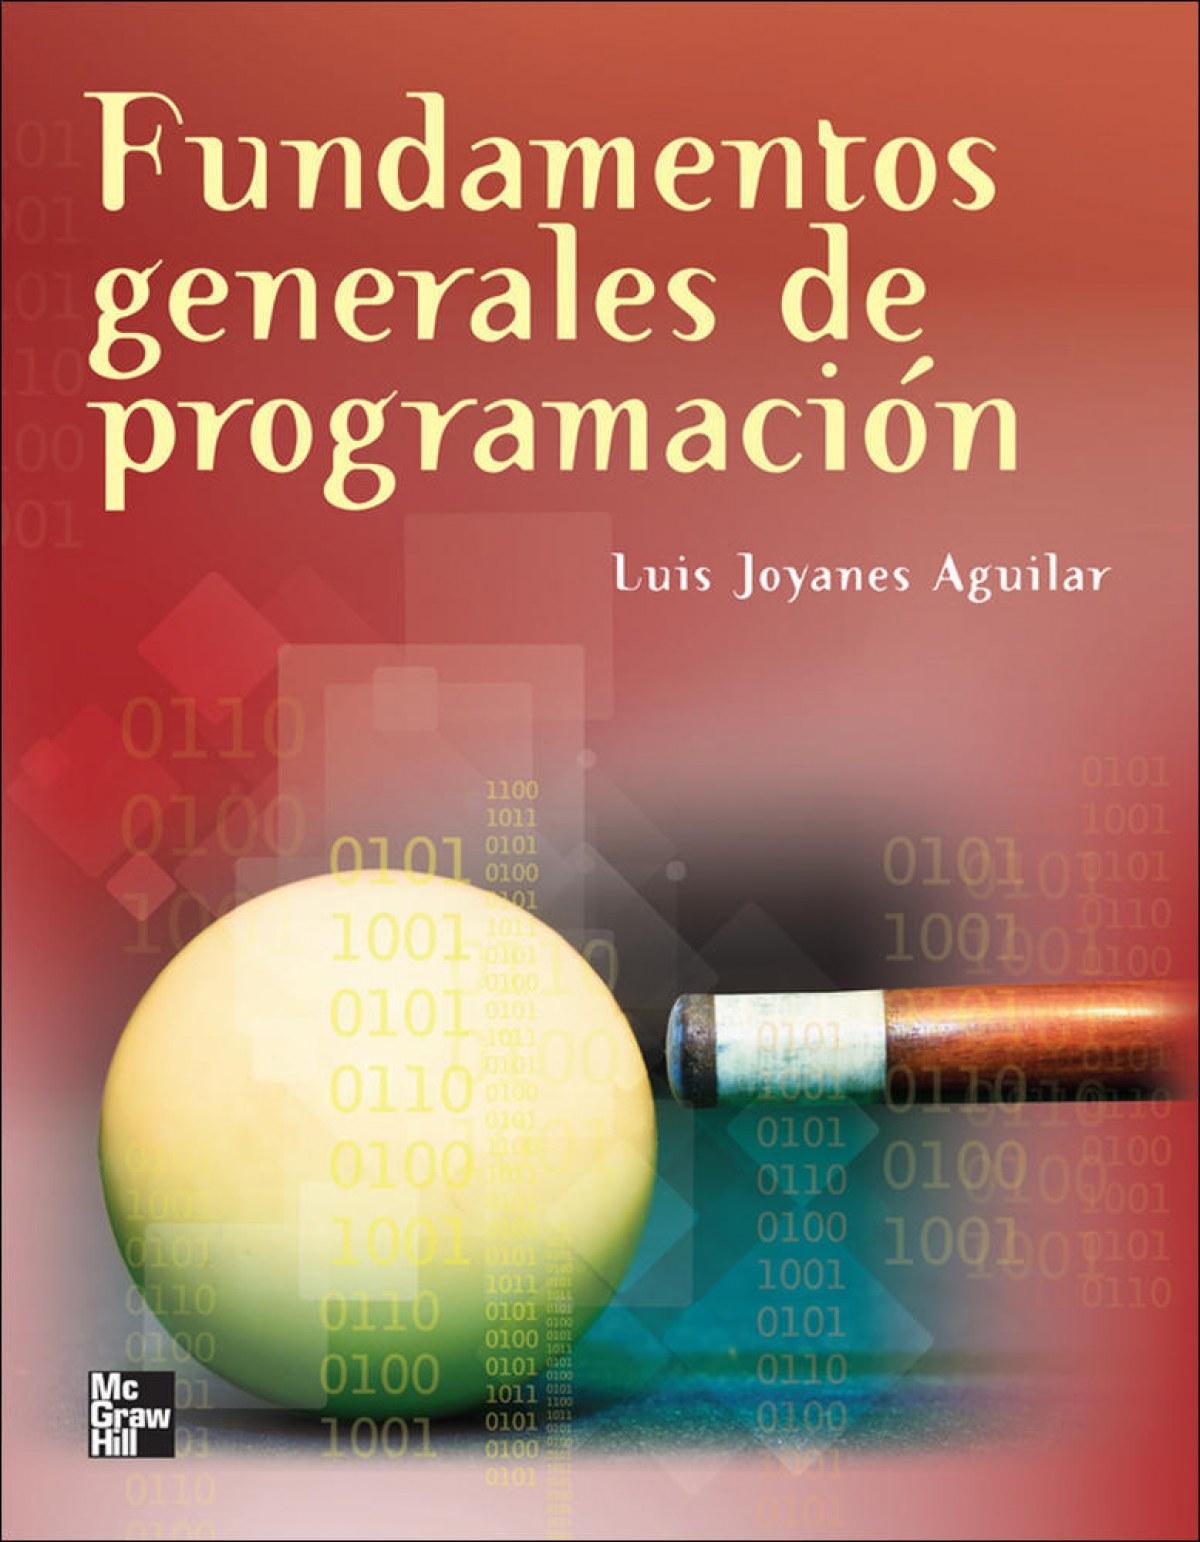 Fundamentos generales programacion 9786071508188